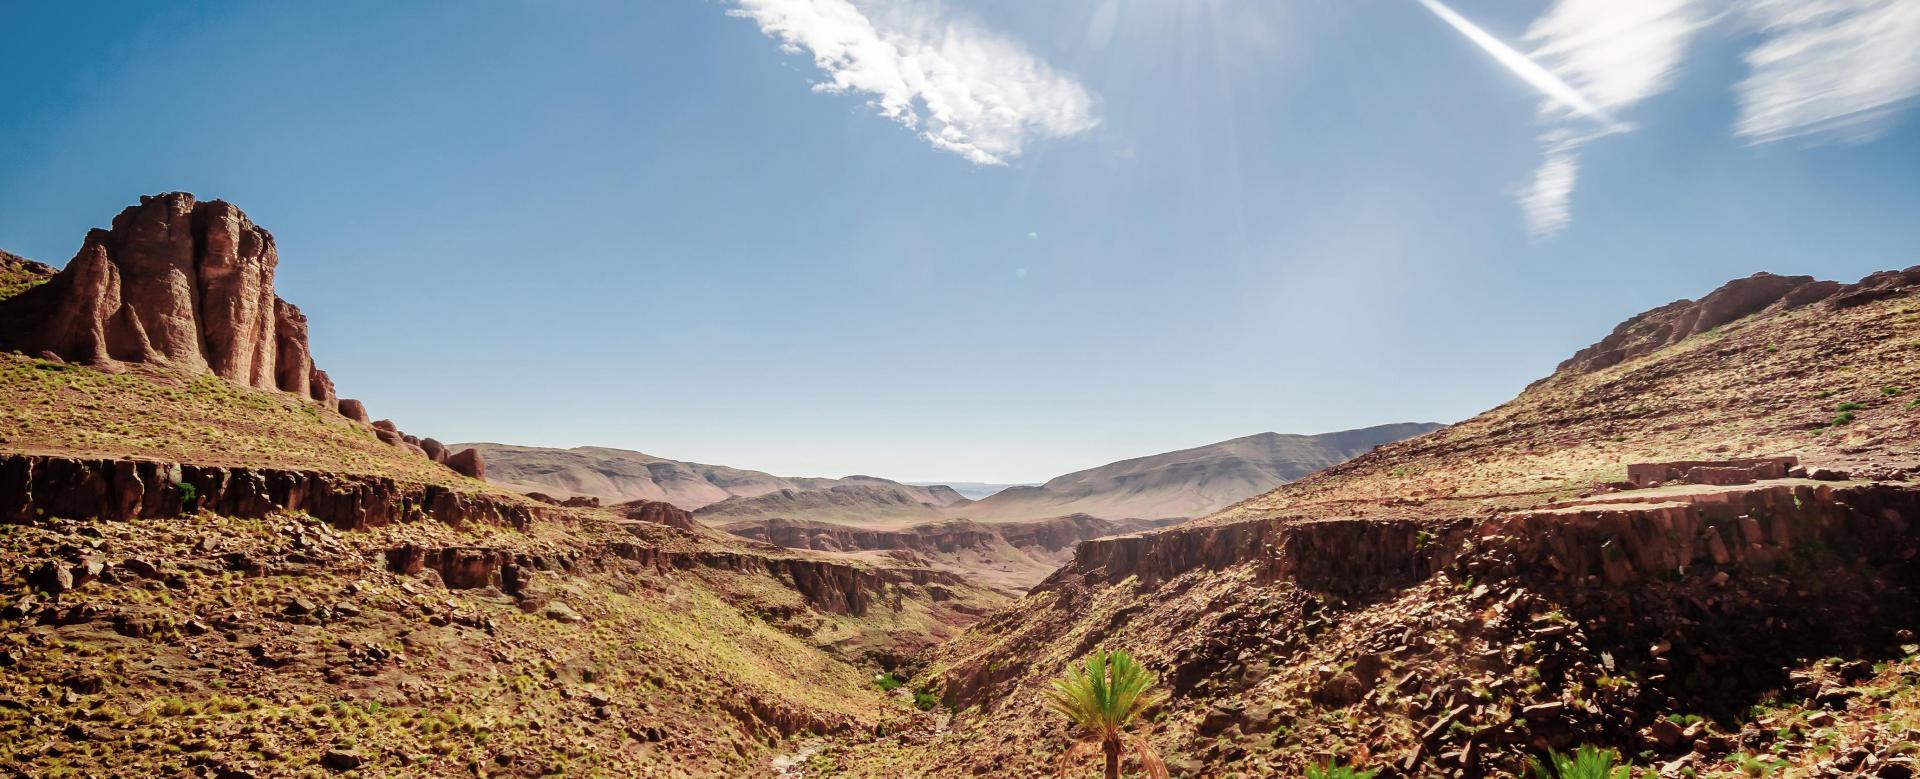 Voyage à pied Maroc : Les flèches du sarhro